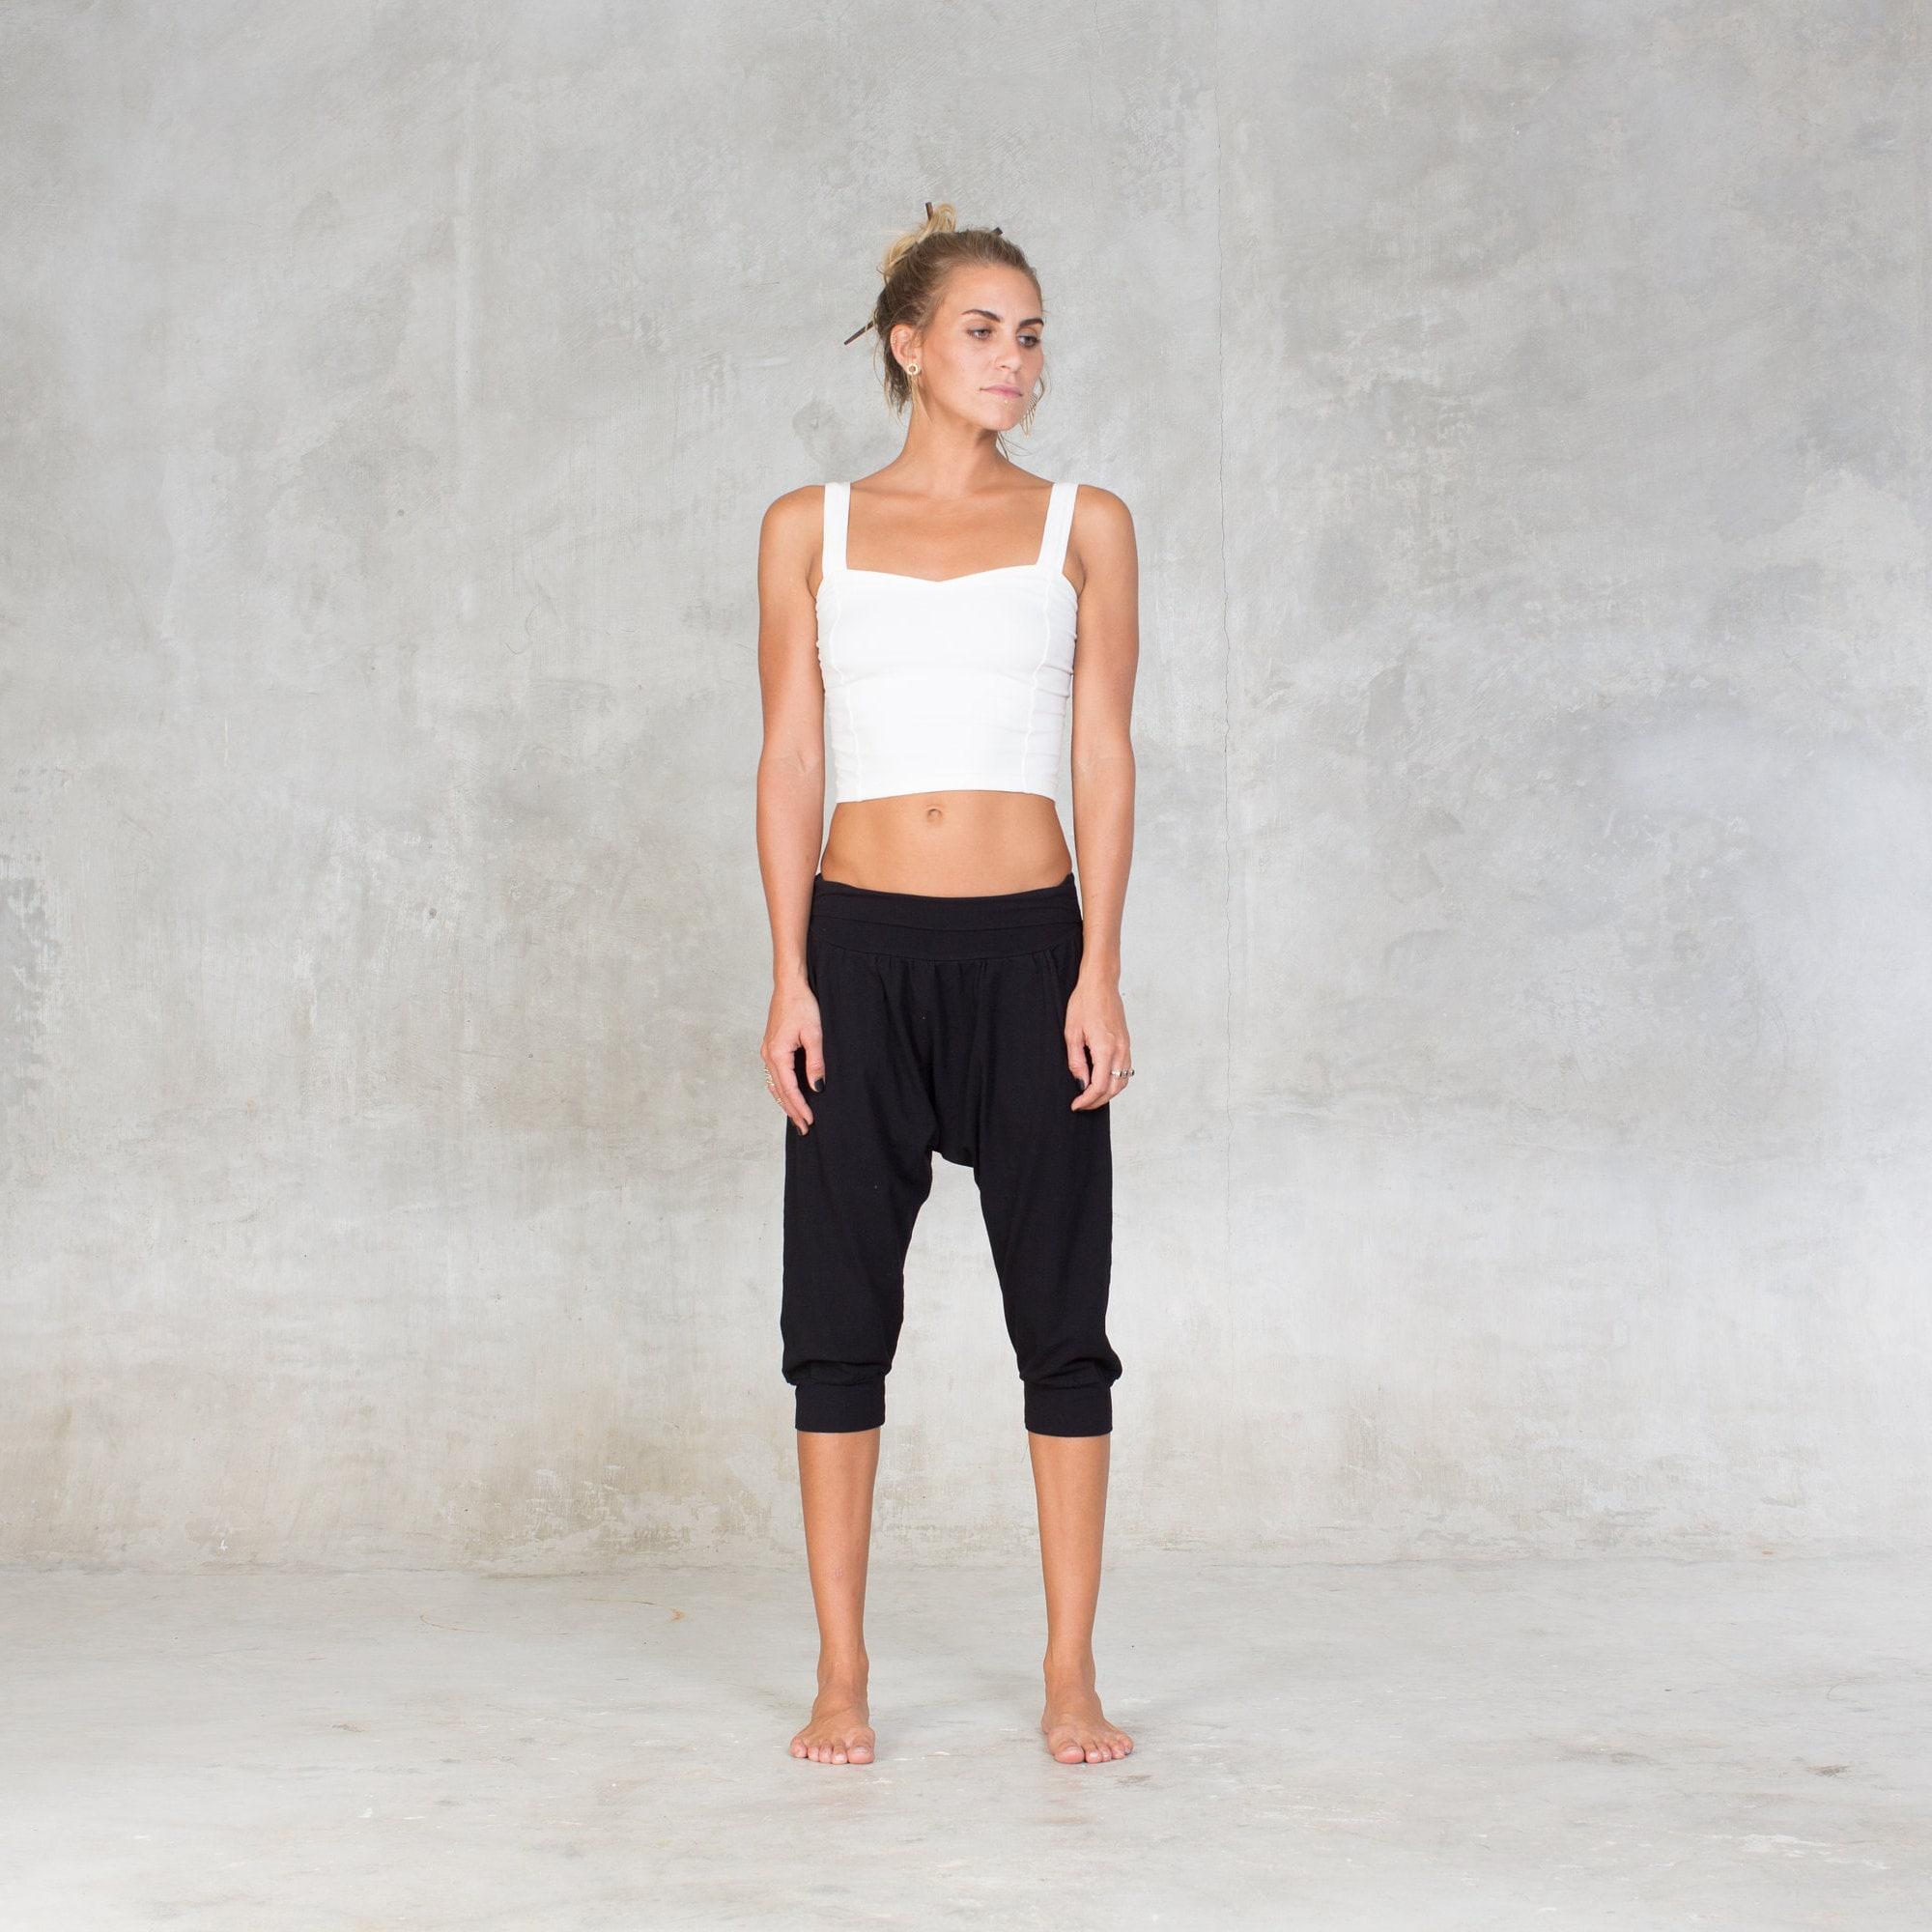 f19e3d0235 Drop pants Yoga pants Bamboo Women pants Lounge pants | Etsy